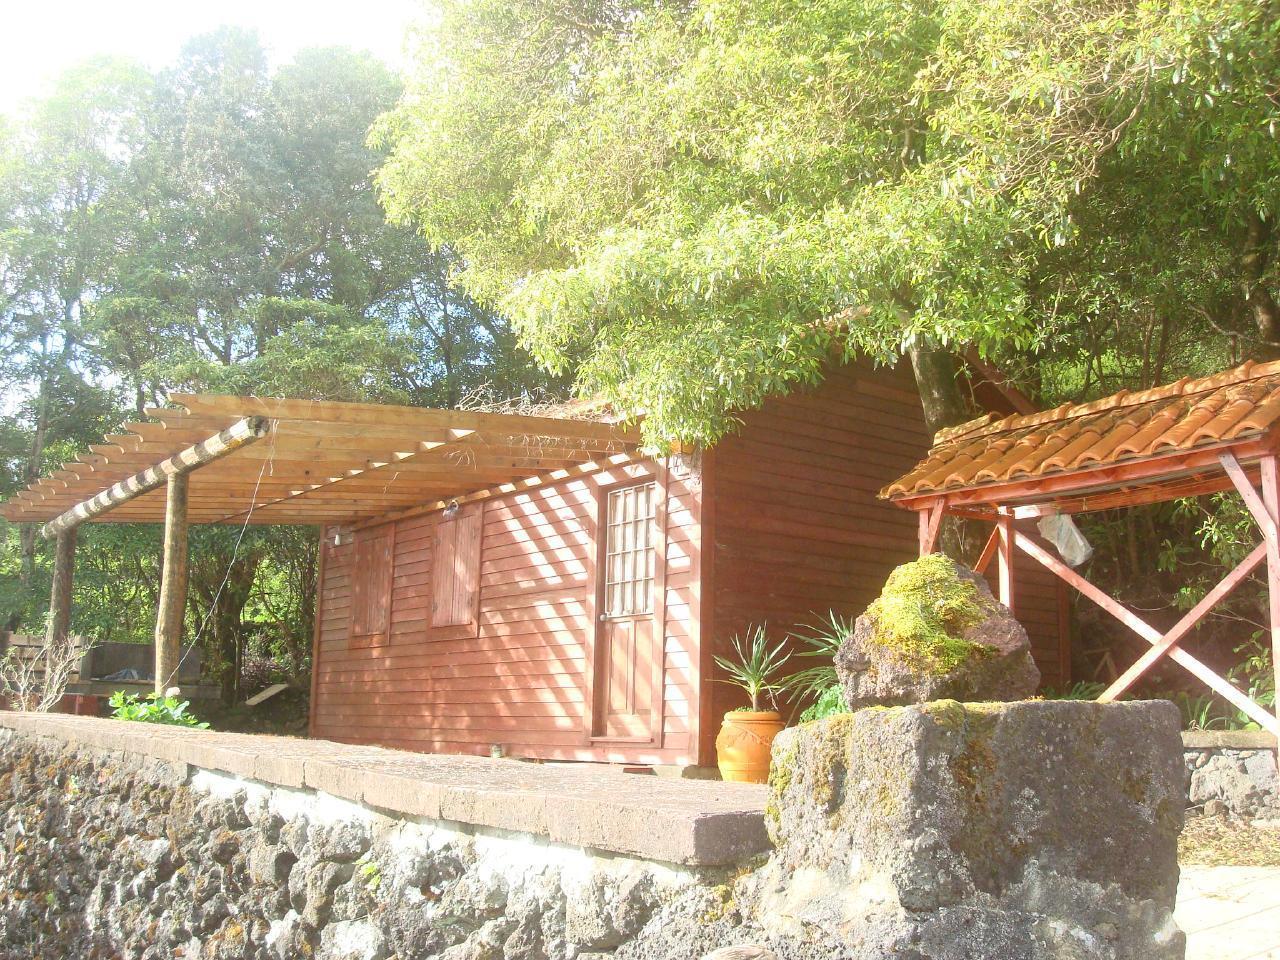 Ferienhaus A Cabana (2702177), Prainha, Pico, Azoren, Portugal, Bild 1